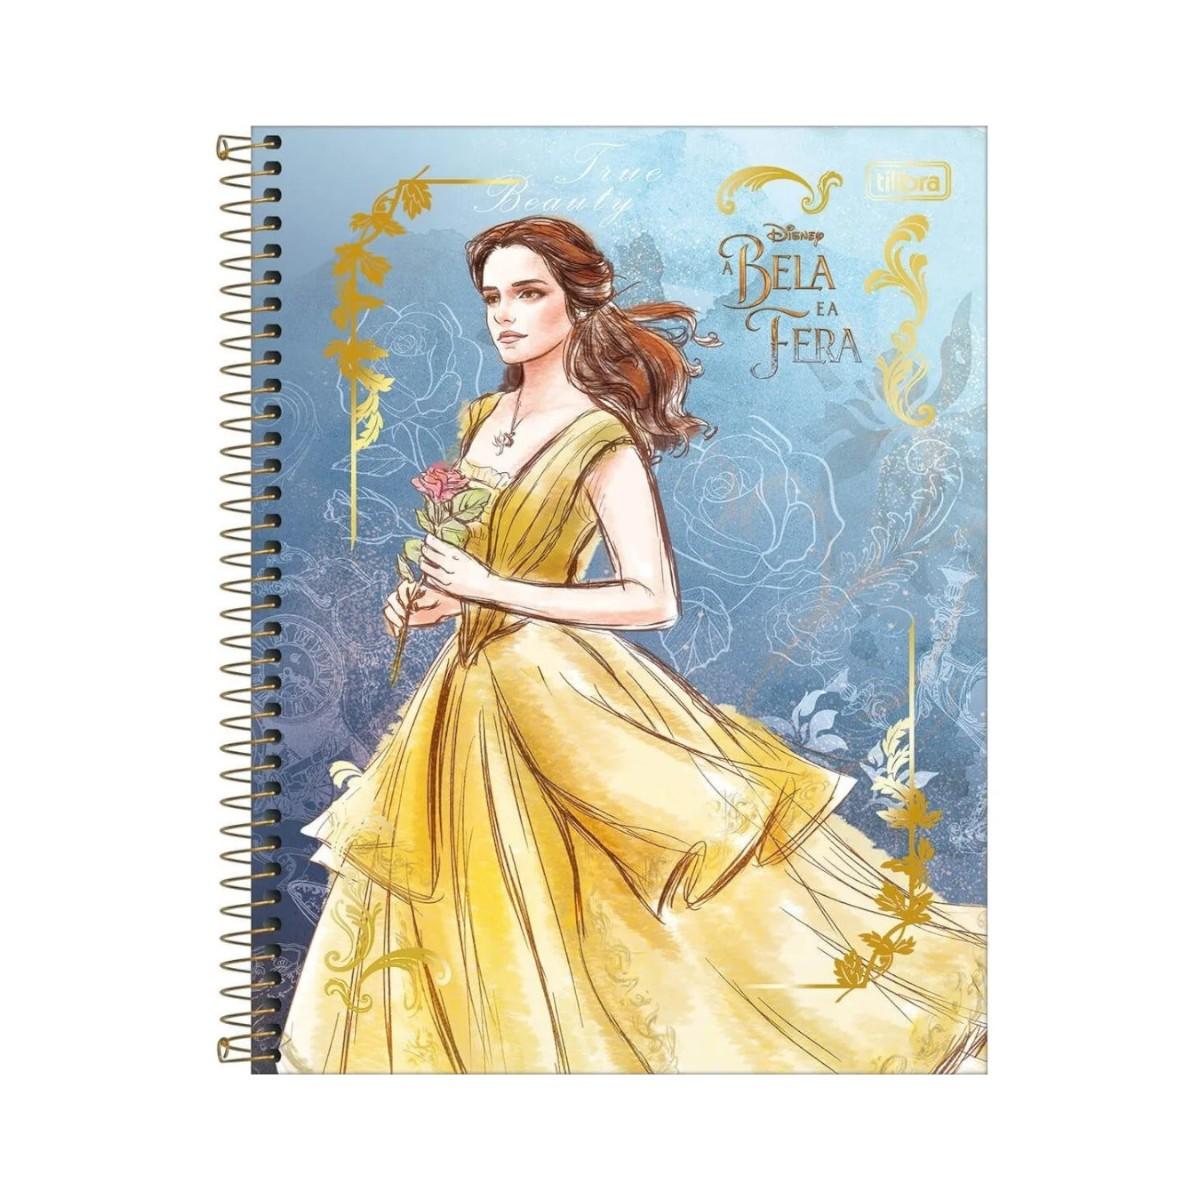 Caderno Escolar 10 Matérias A Bela e a Fera 160 Folhas Tilibra